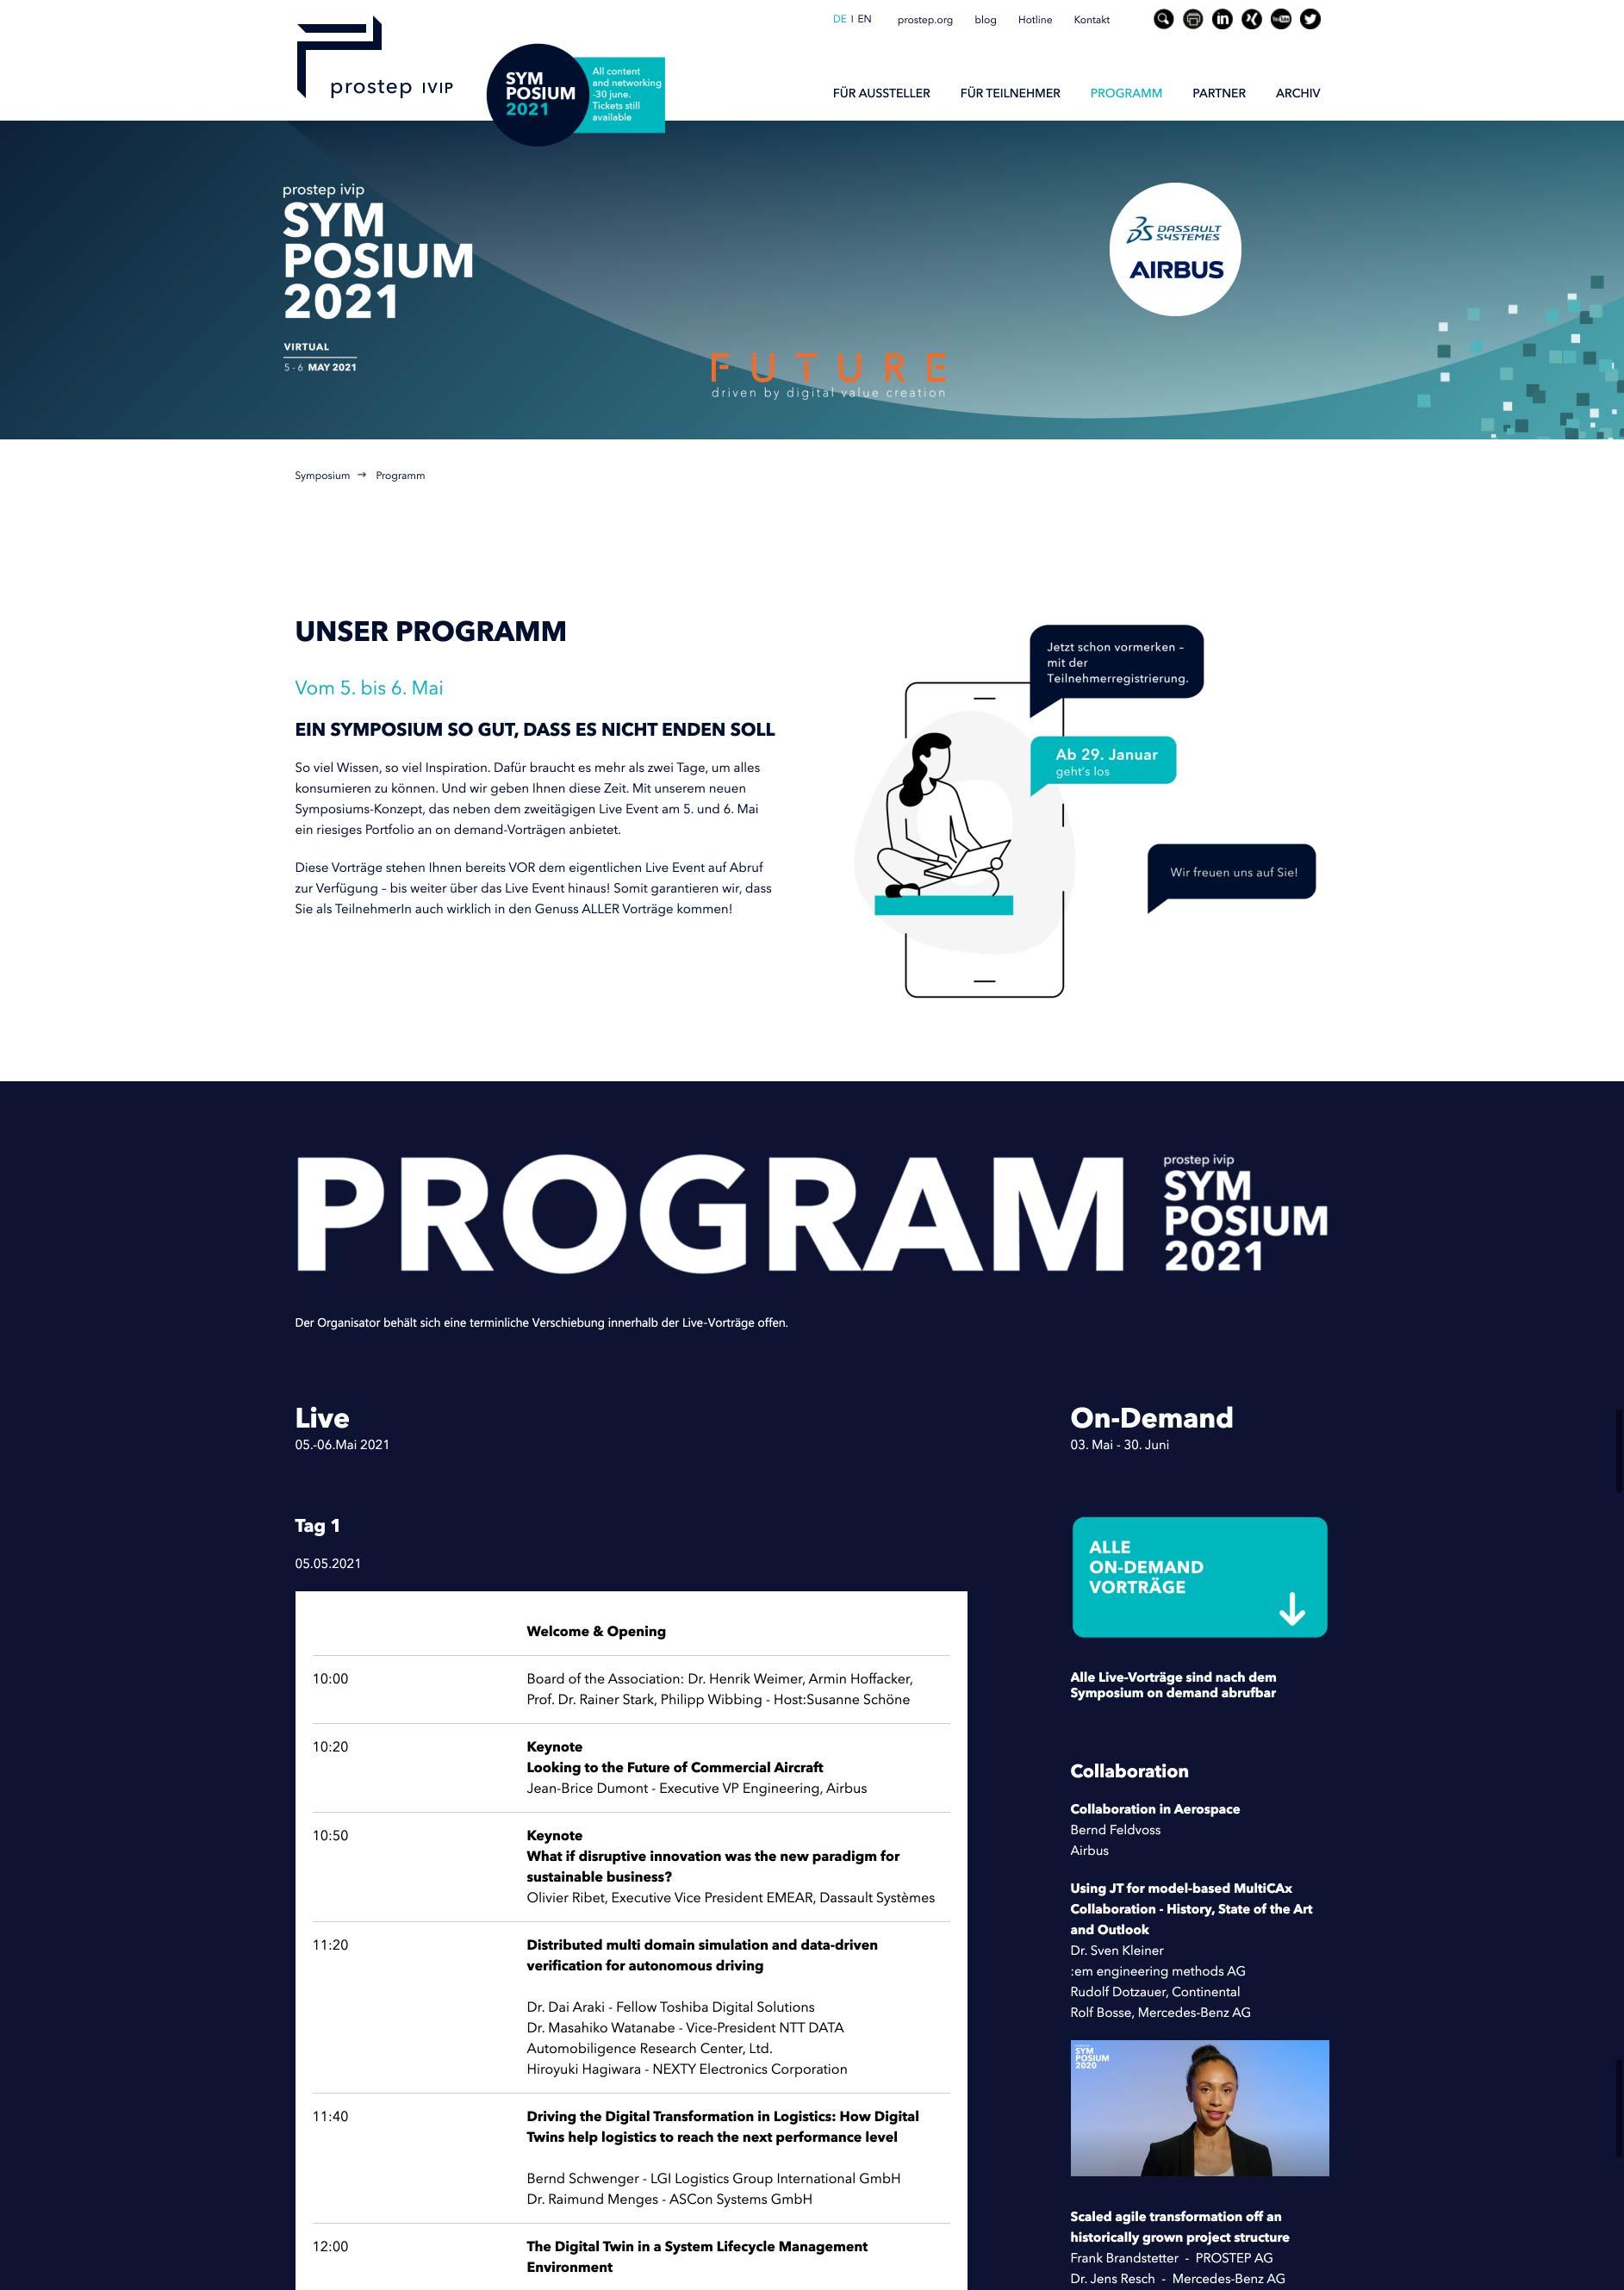 UI-Design, Webdesign, Screendesign Online Programm für prostep ivip sympossium